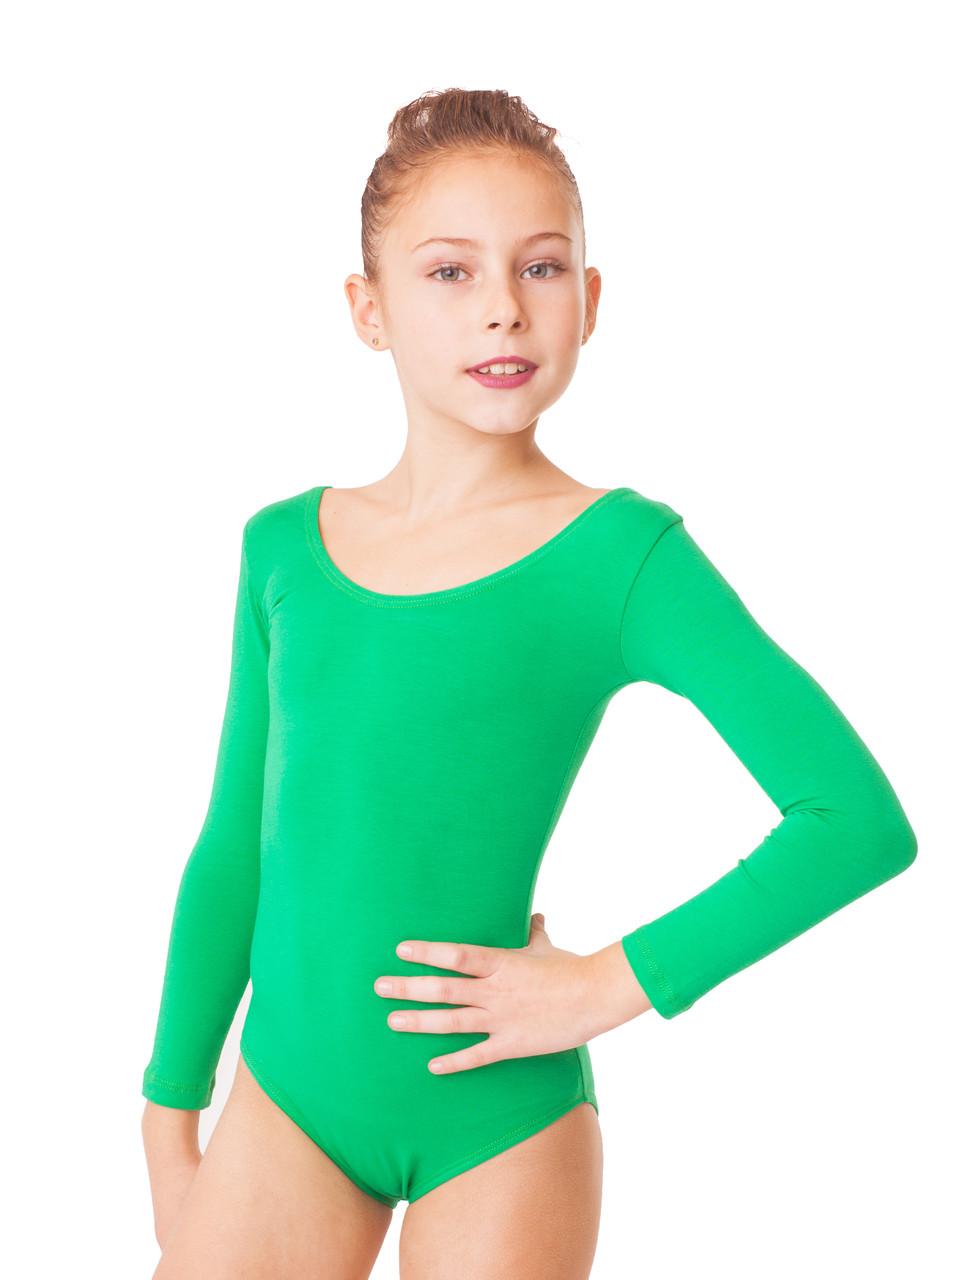 Купальник для гимнастики трикотаж Зеленый